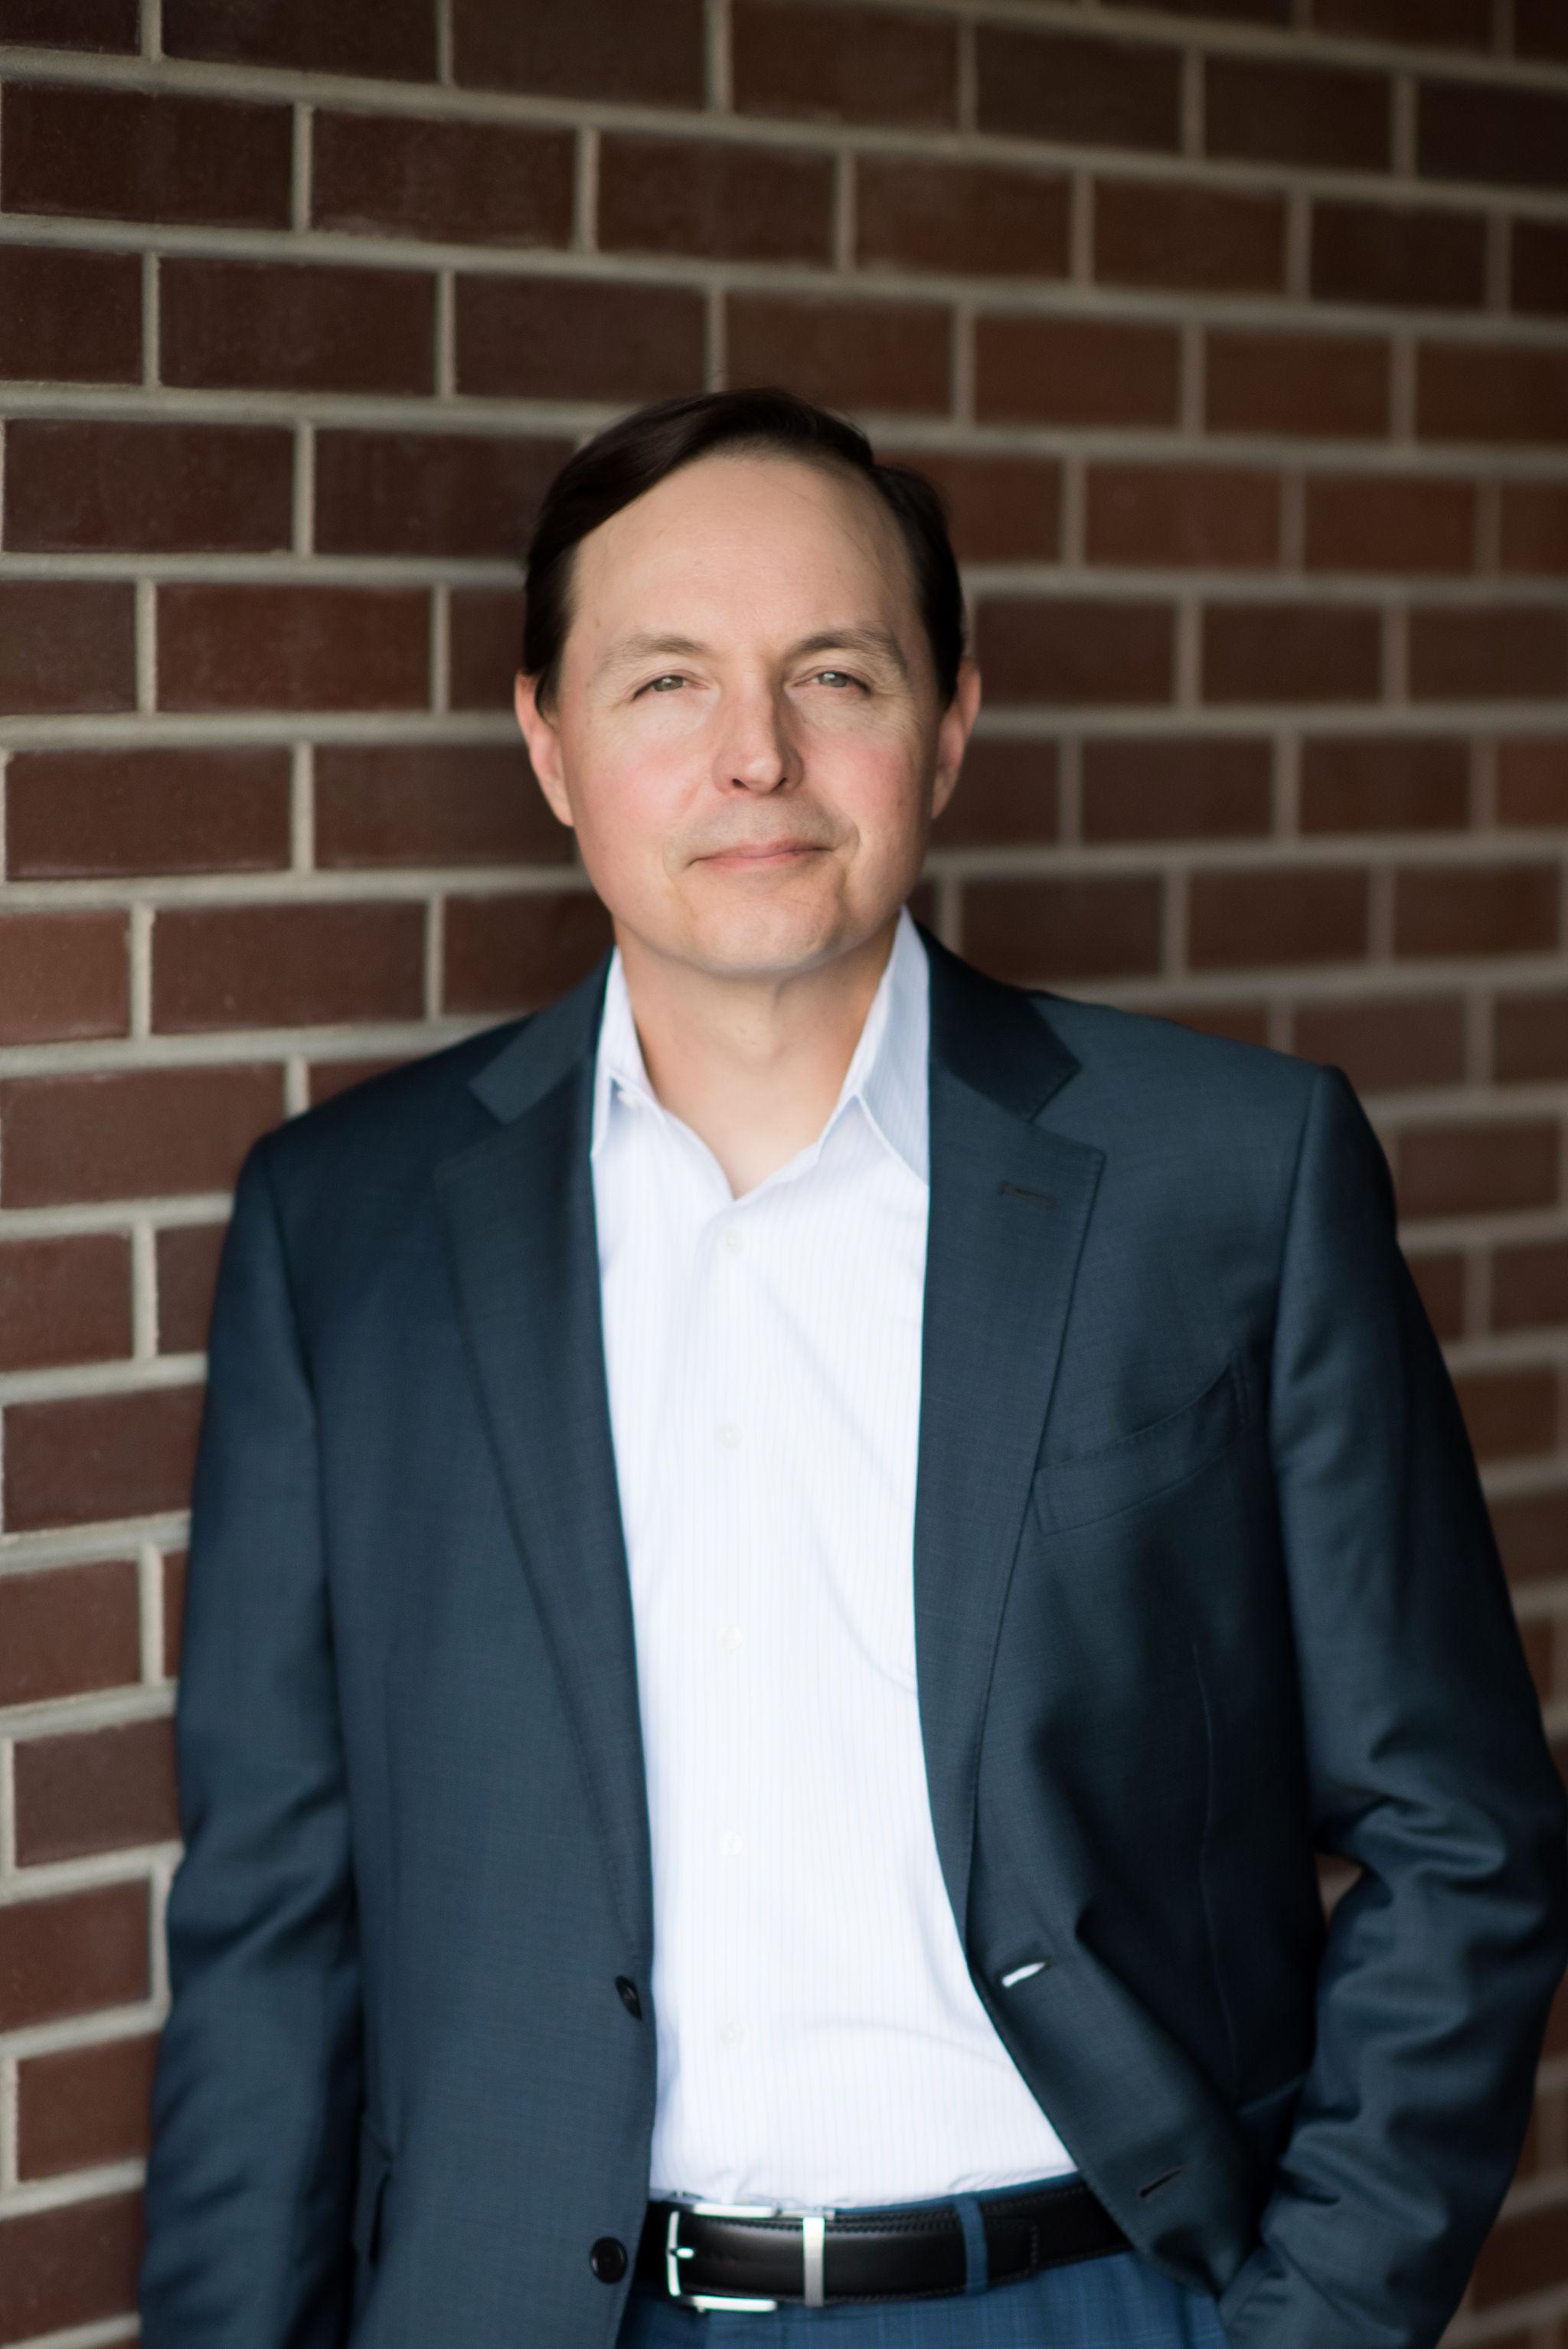 Dylan Taylor, fondateur de Space for Humanity et PDG de Voyager Space Holdings.